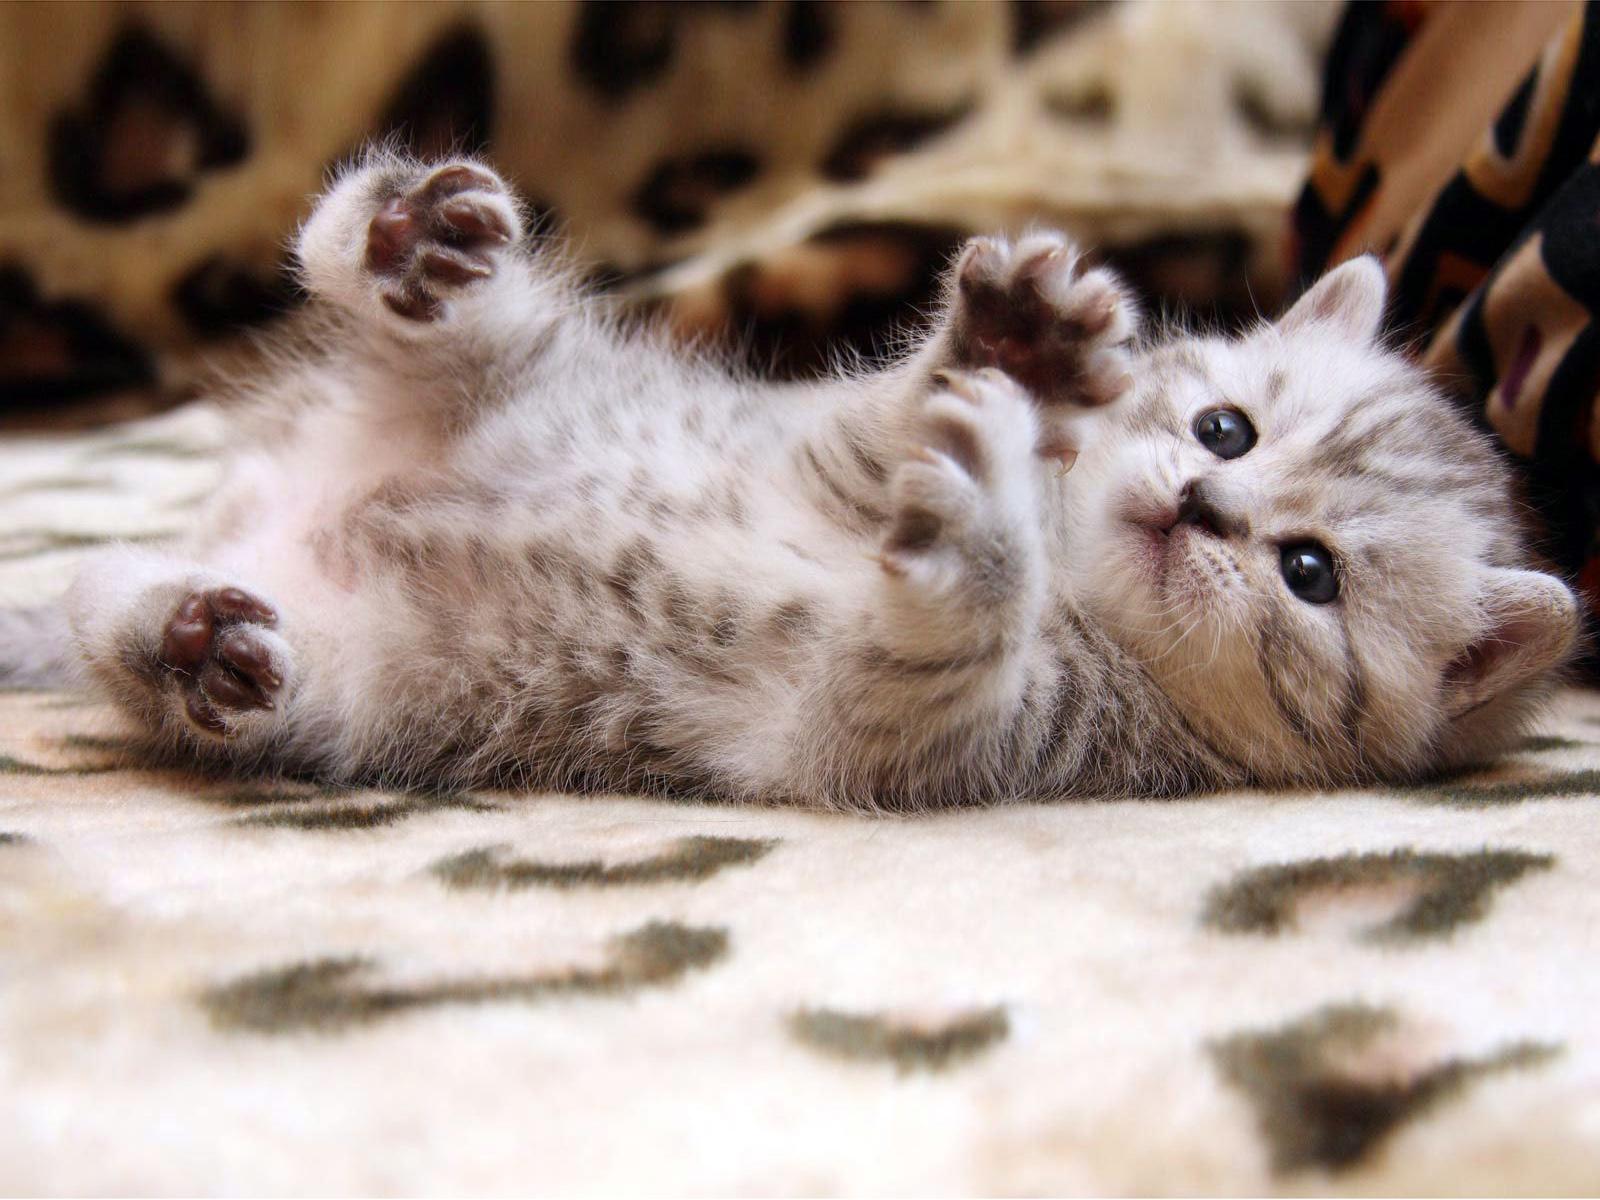 Cute Cats #7 | Cute Cats